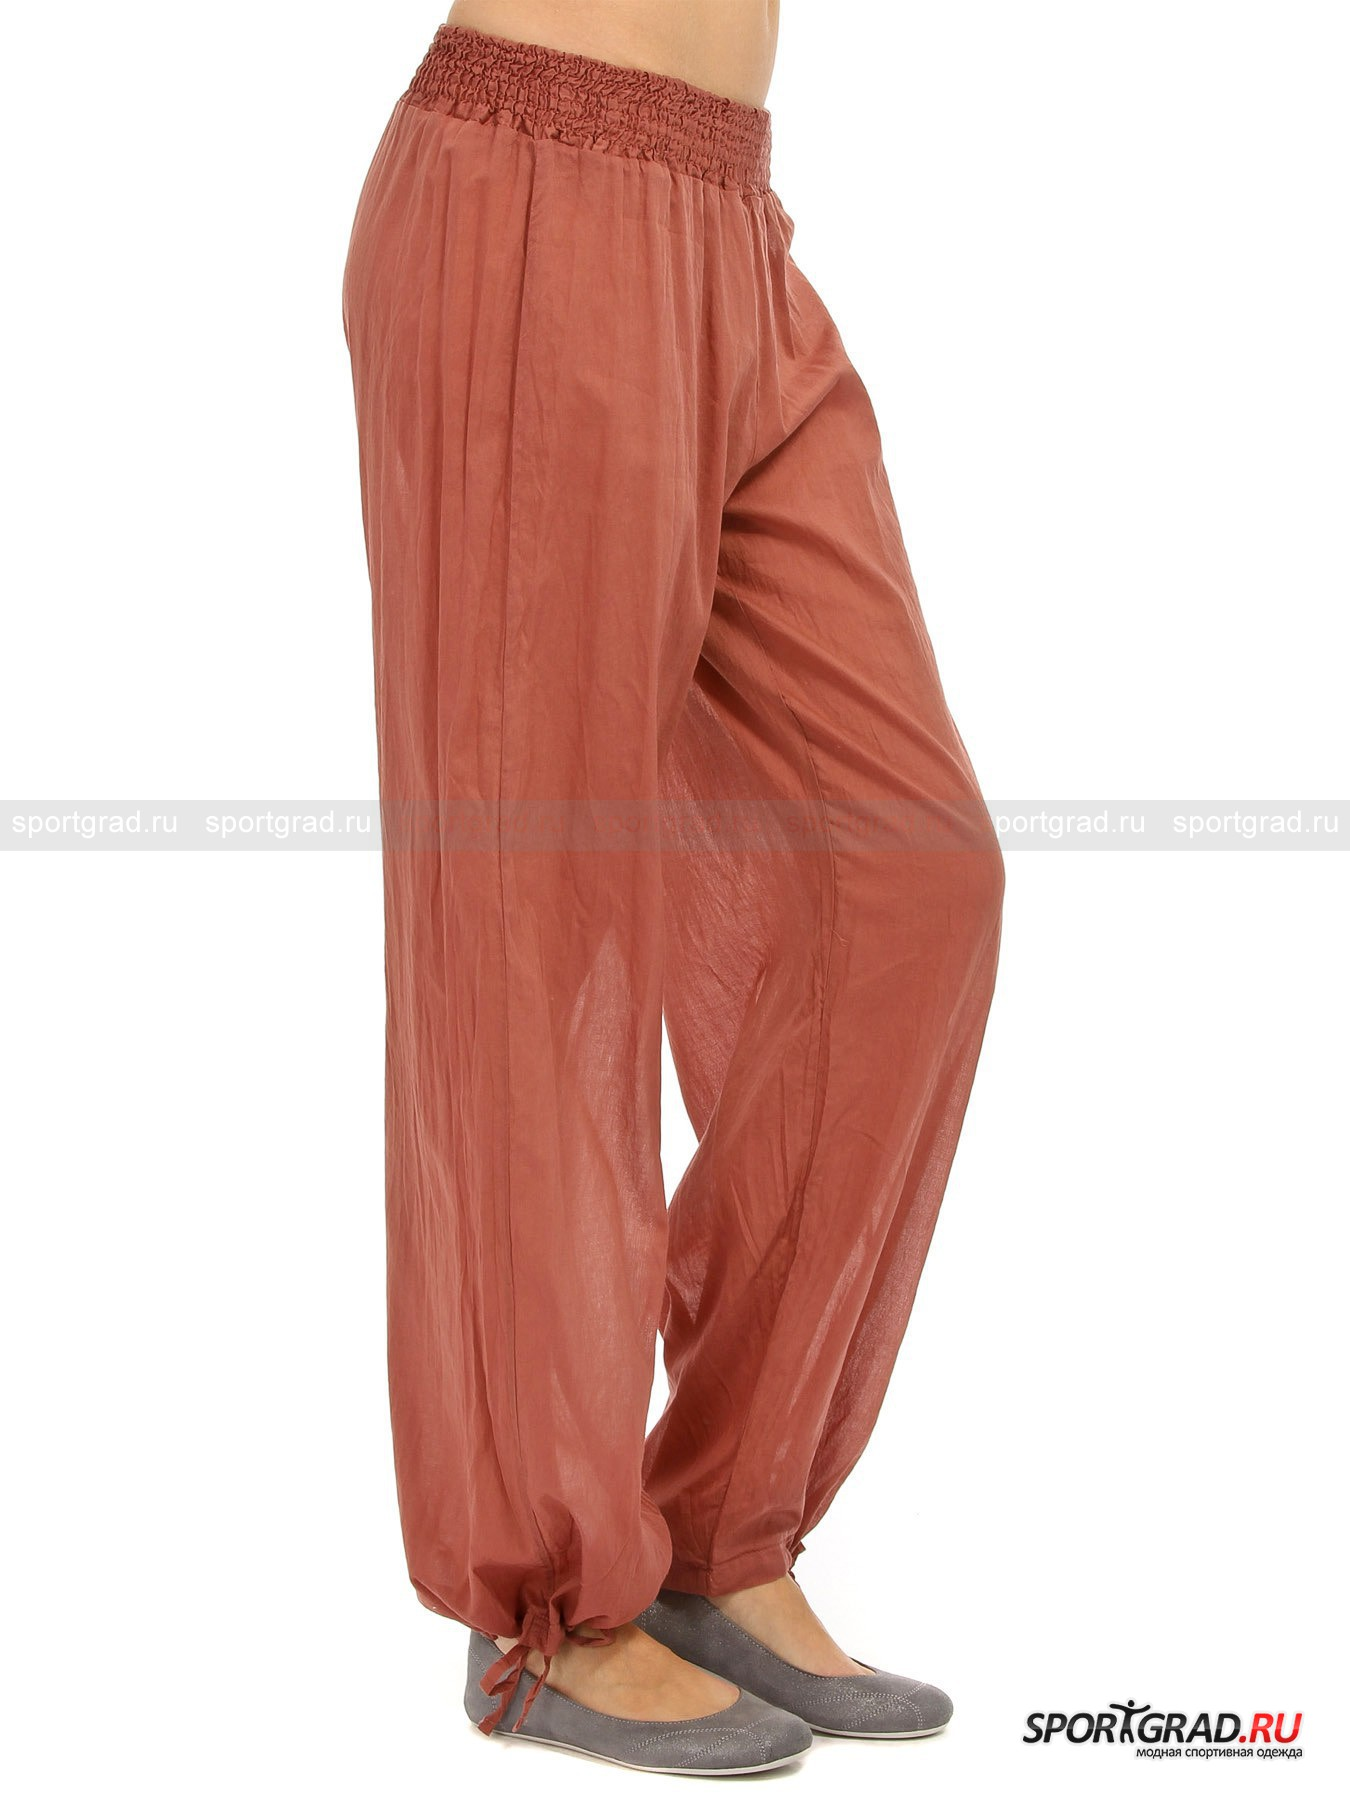 Шаровары женские pants DEHA от Спортград